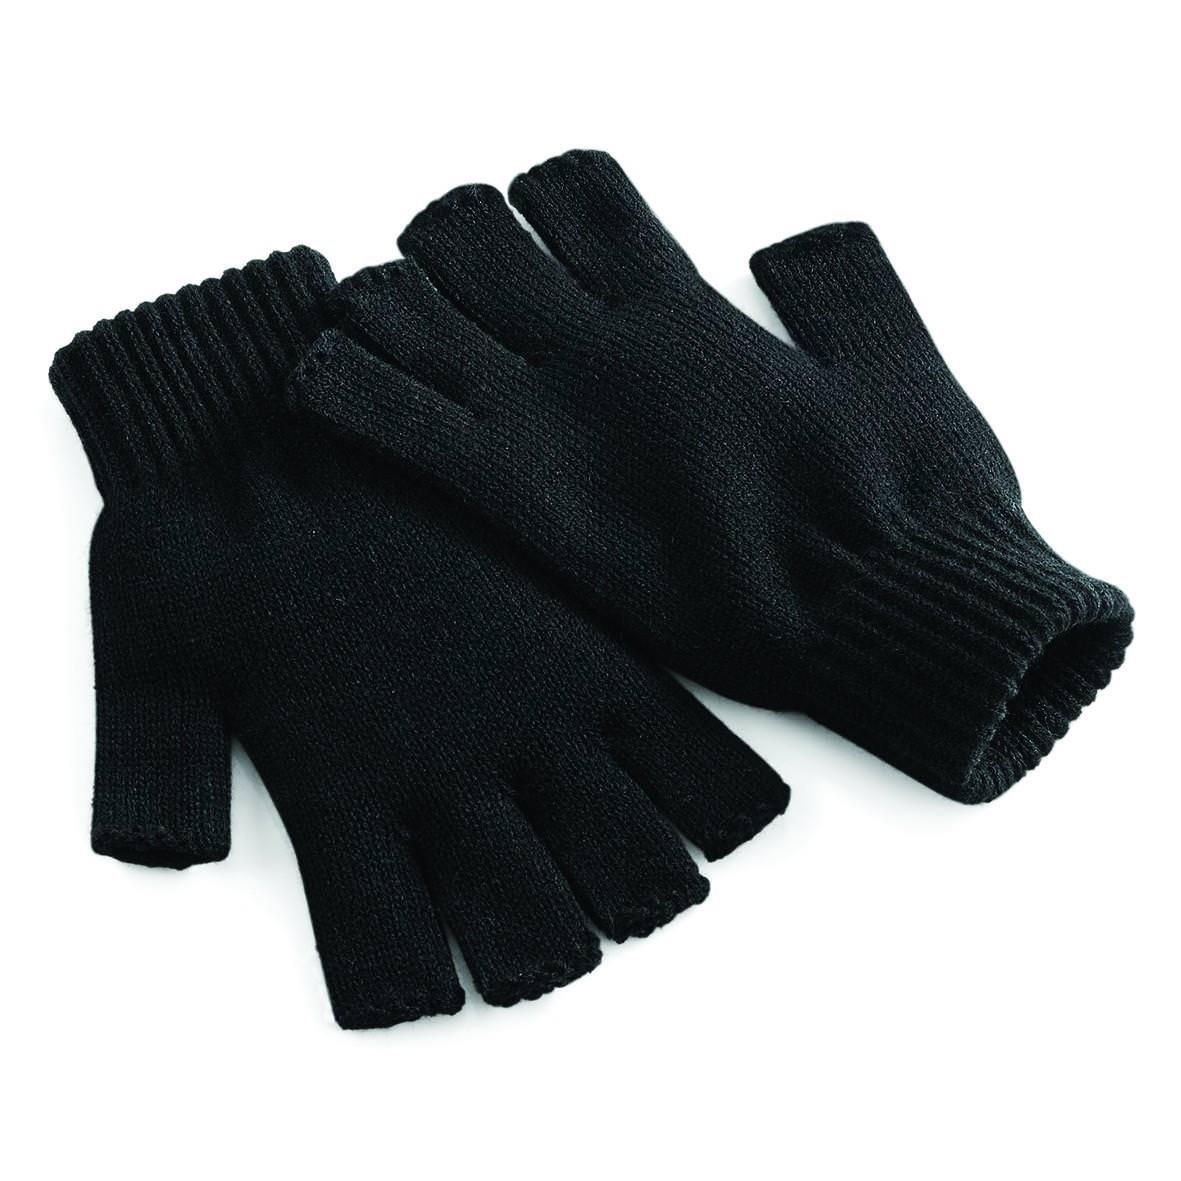 Beechfield Fingerless Gloves - Charcoal - LXL